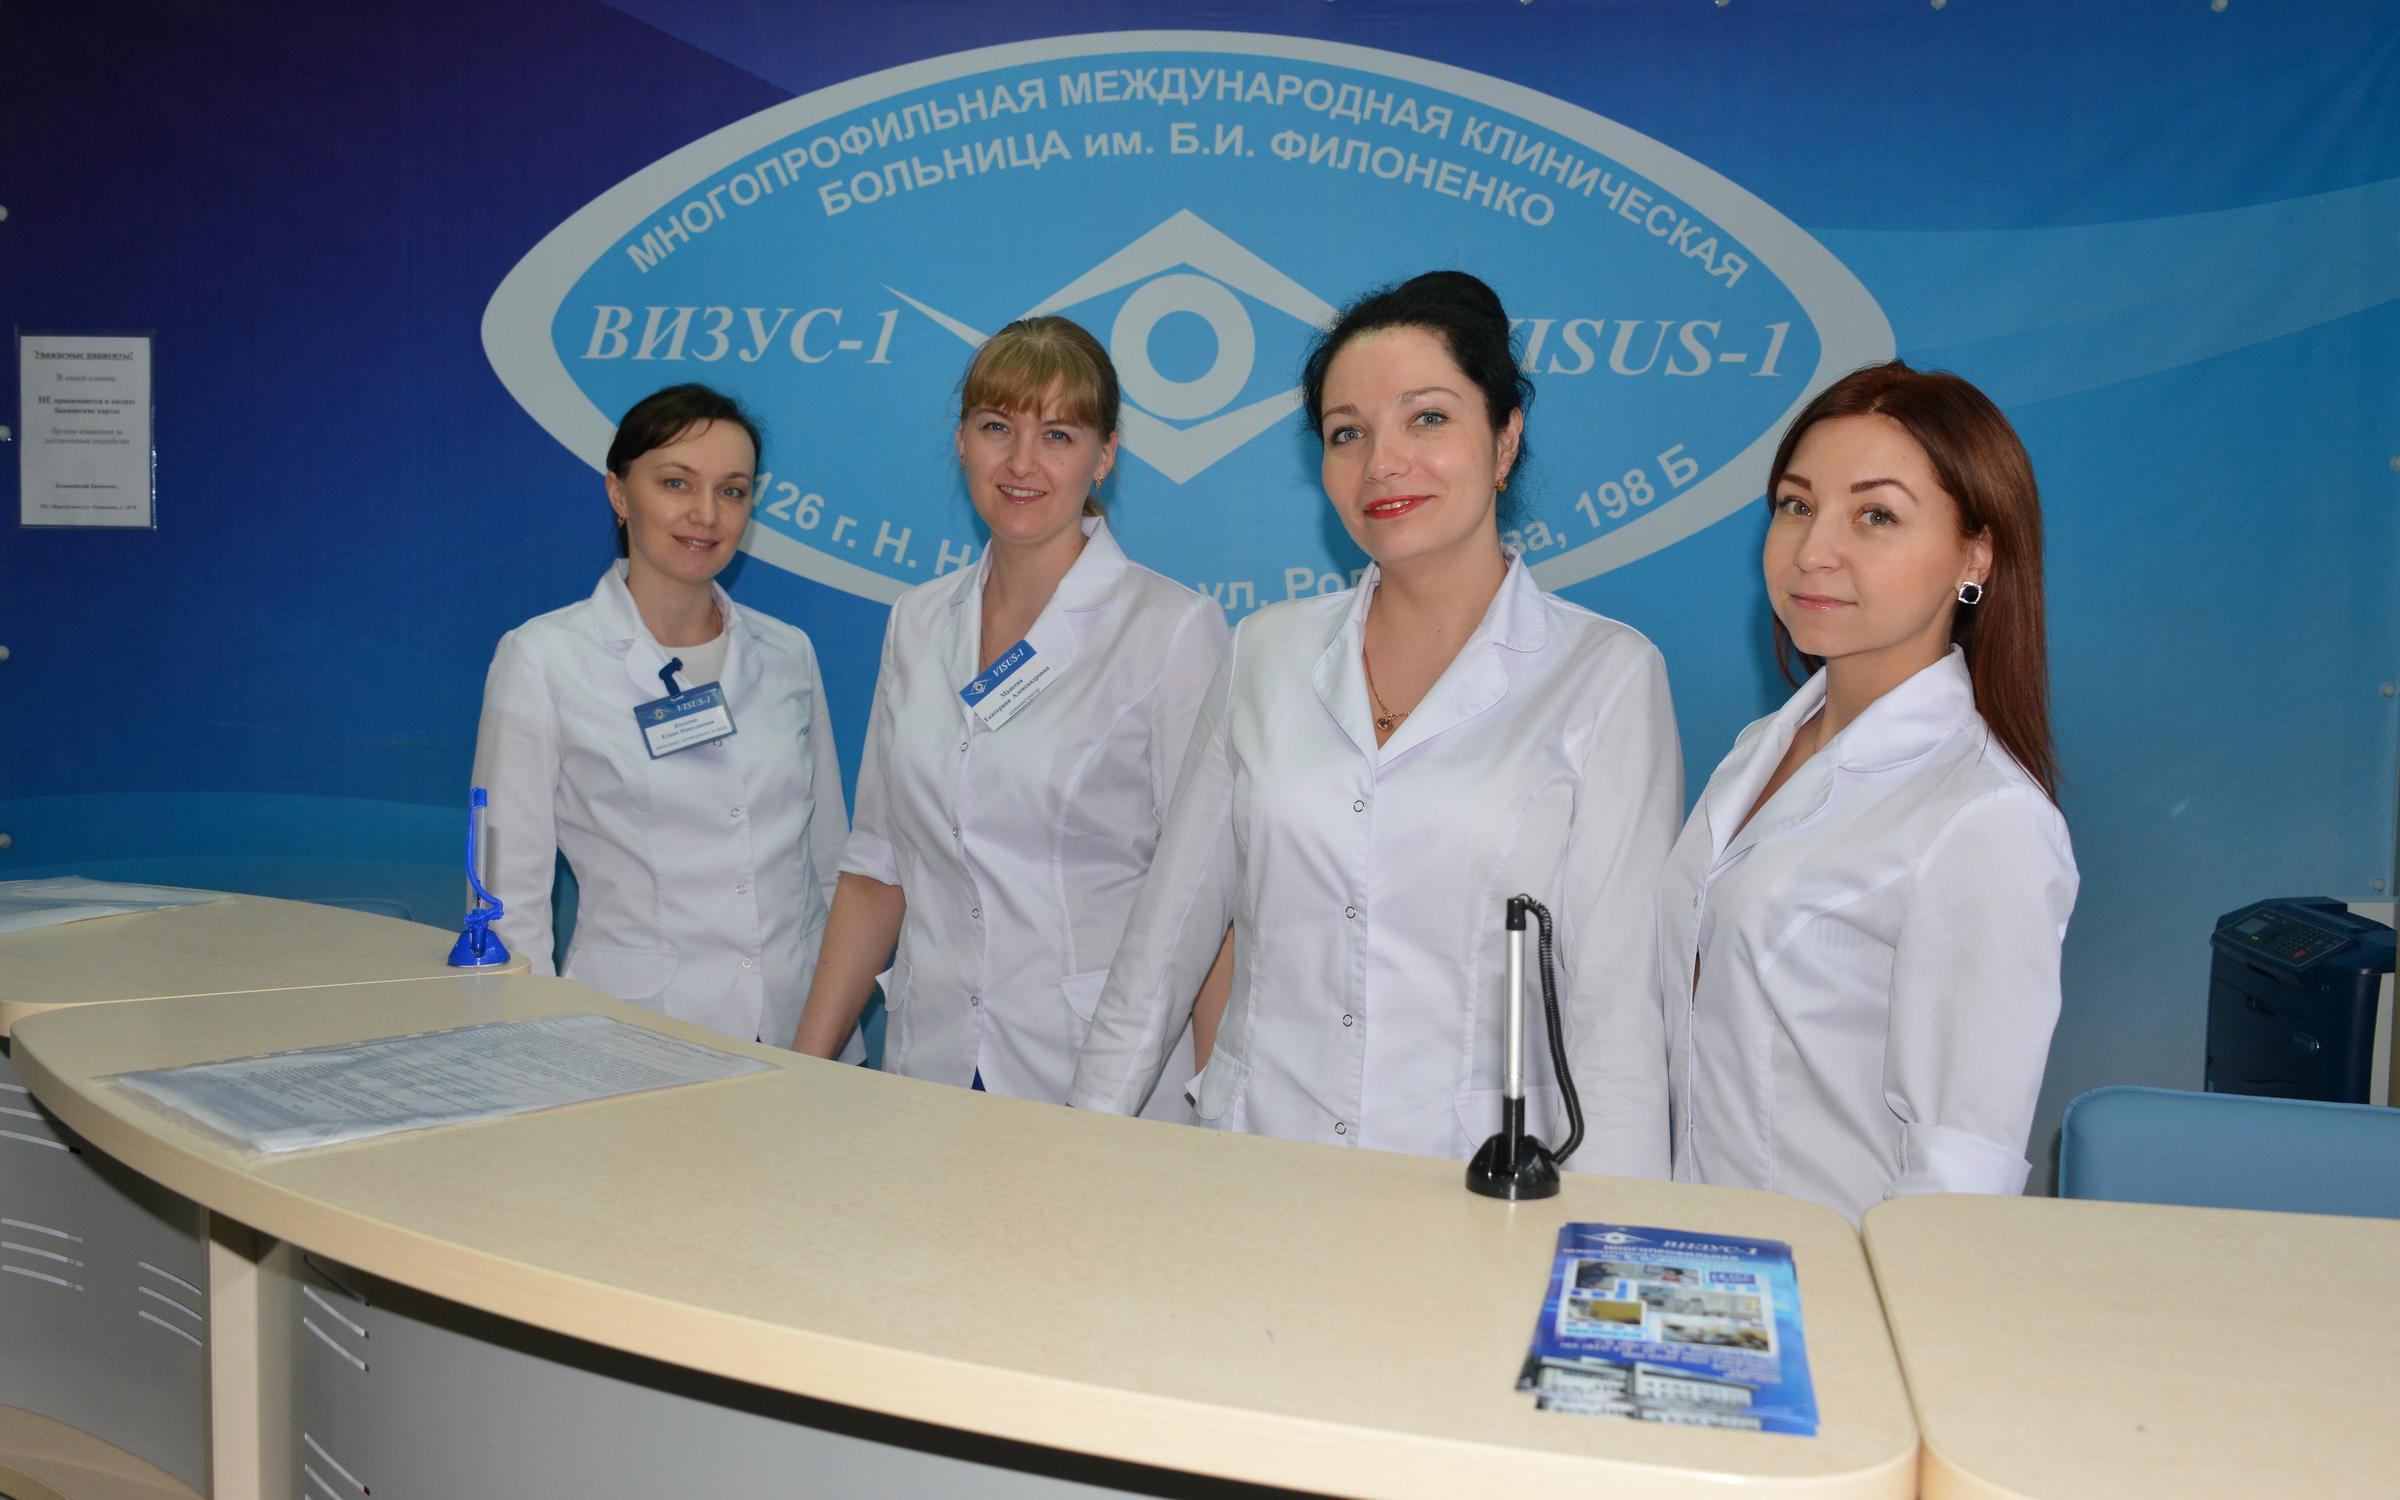 фотография Международная клиническая больница им. Б.И. Филоненко Визус-1 на улице Родионова